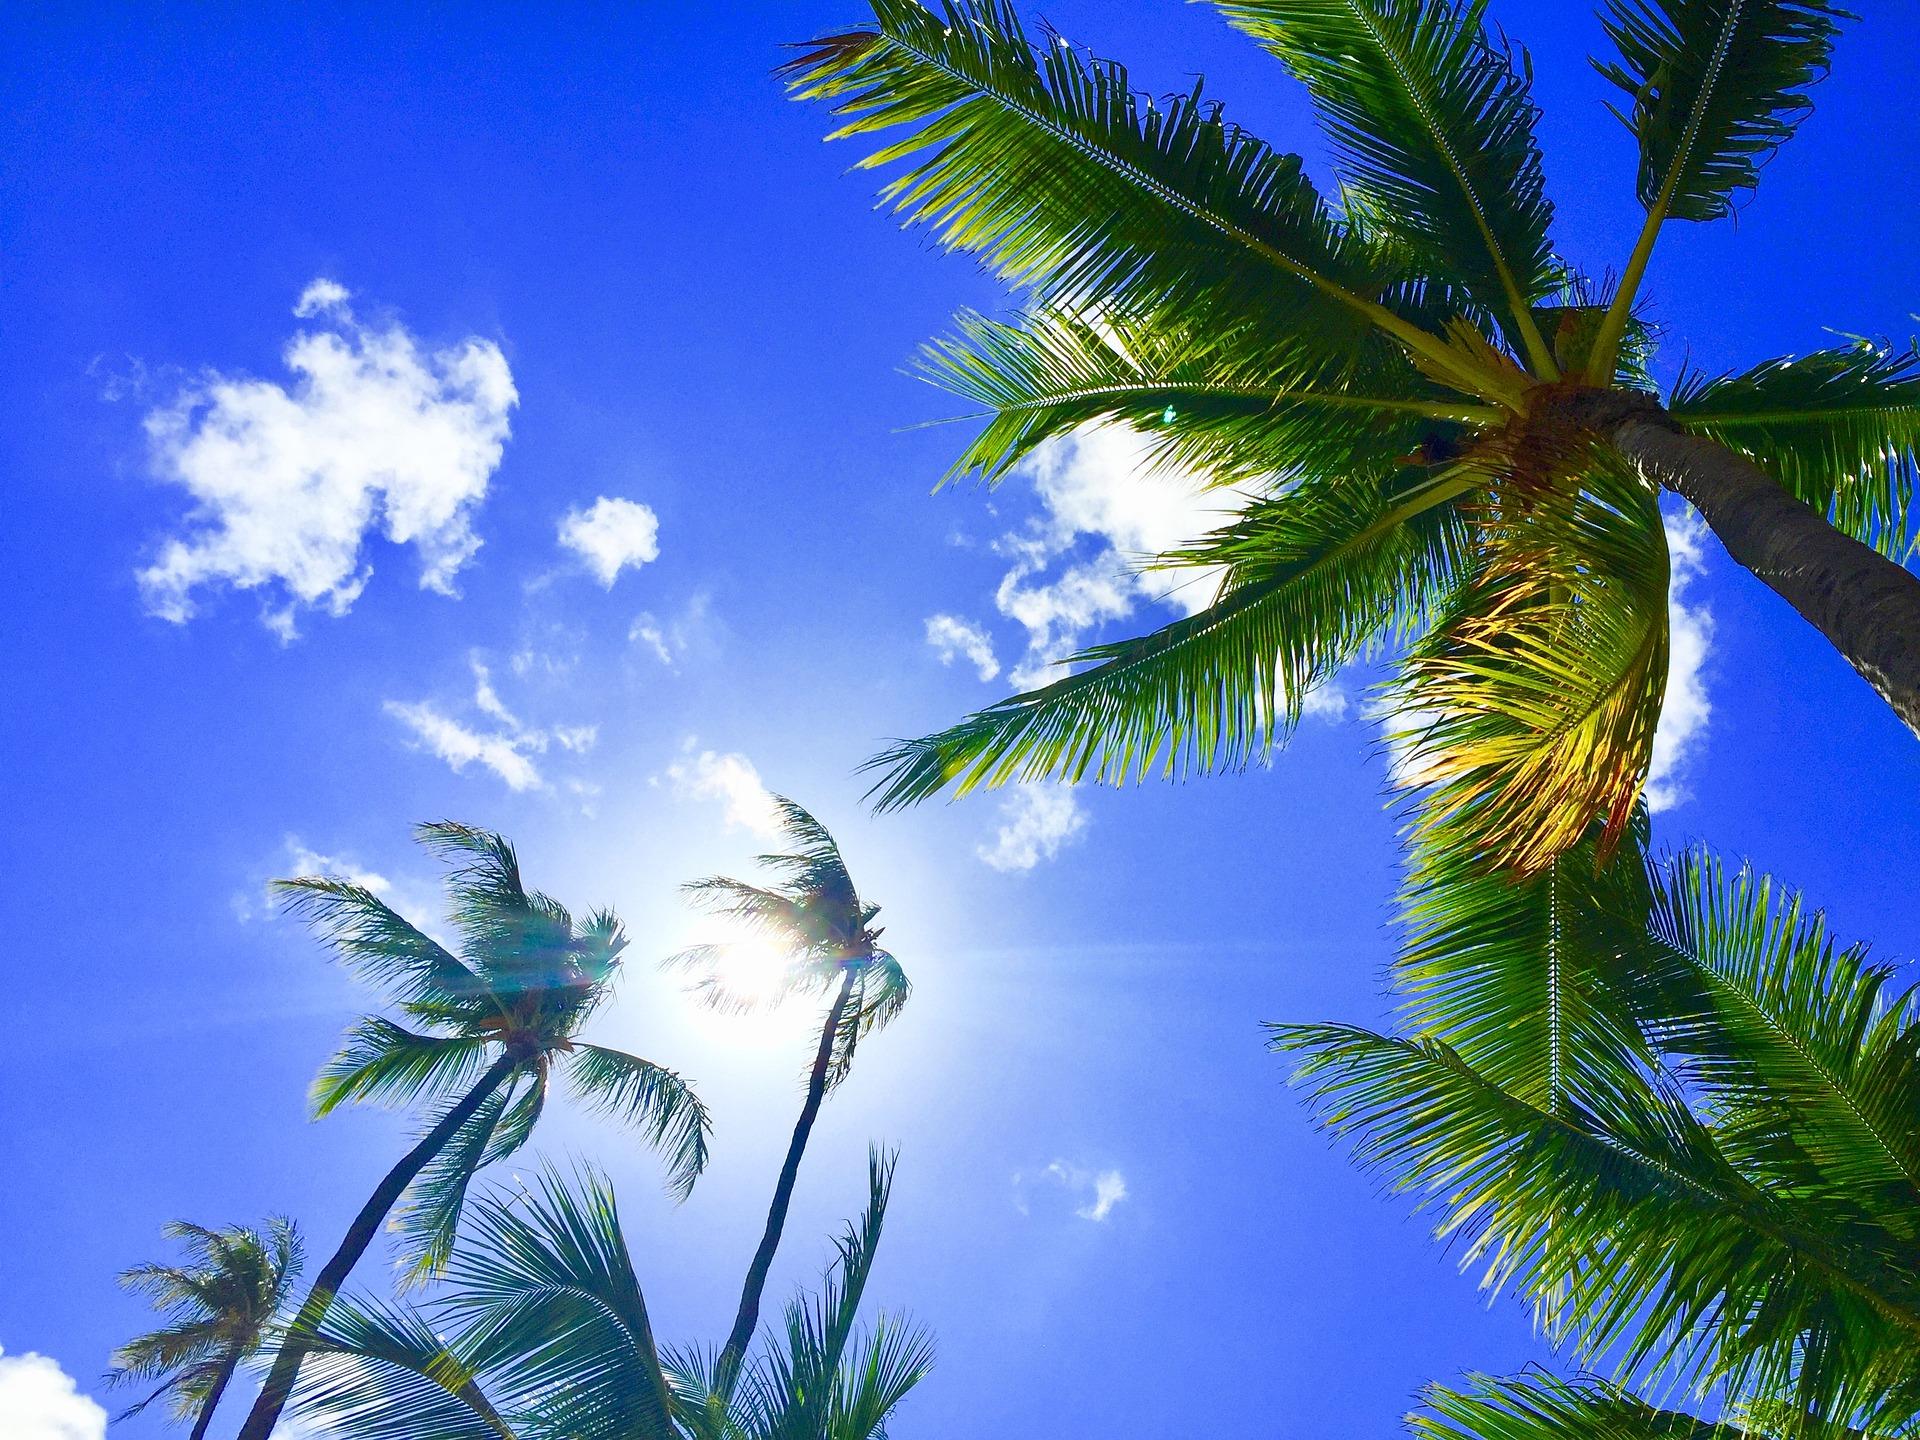 NEWコーナー「Hawaii Breeze from Masako Nishimoto」がスタ—トします☆